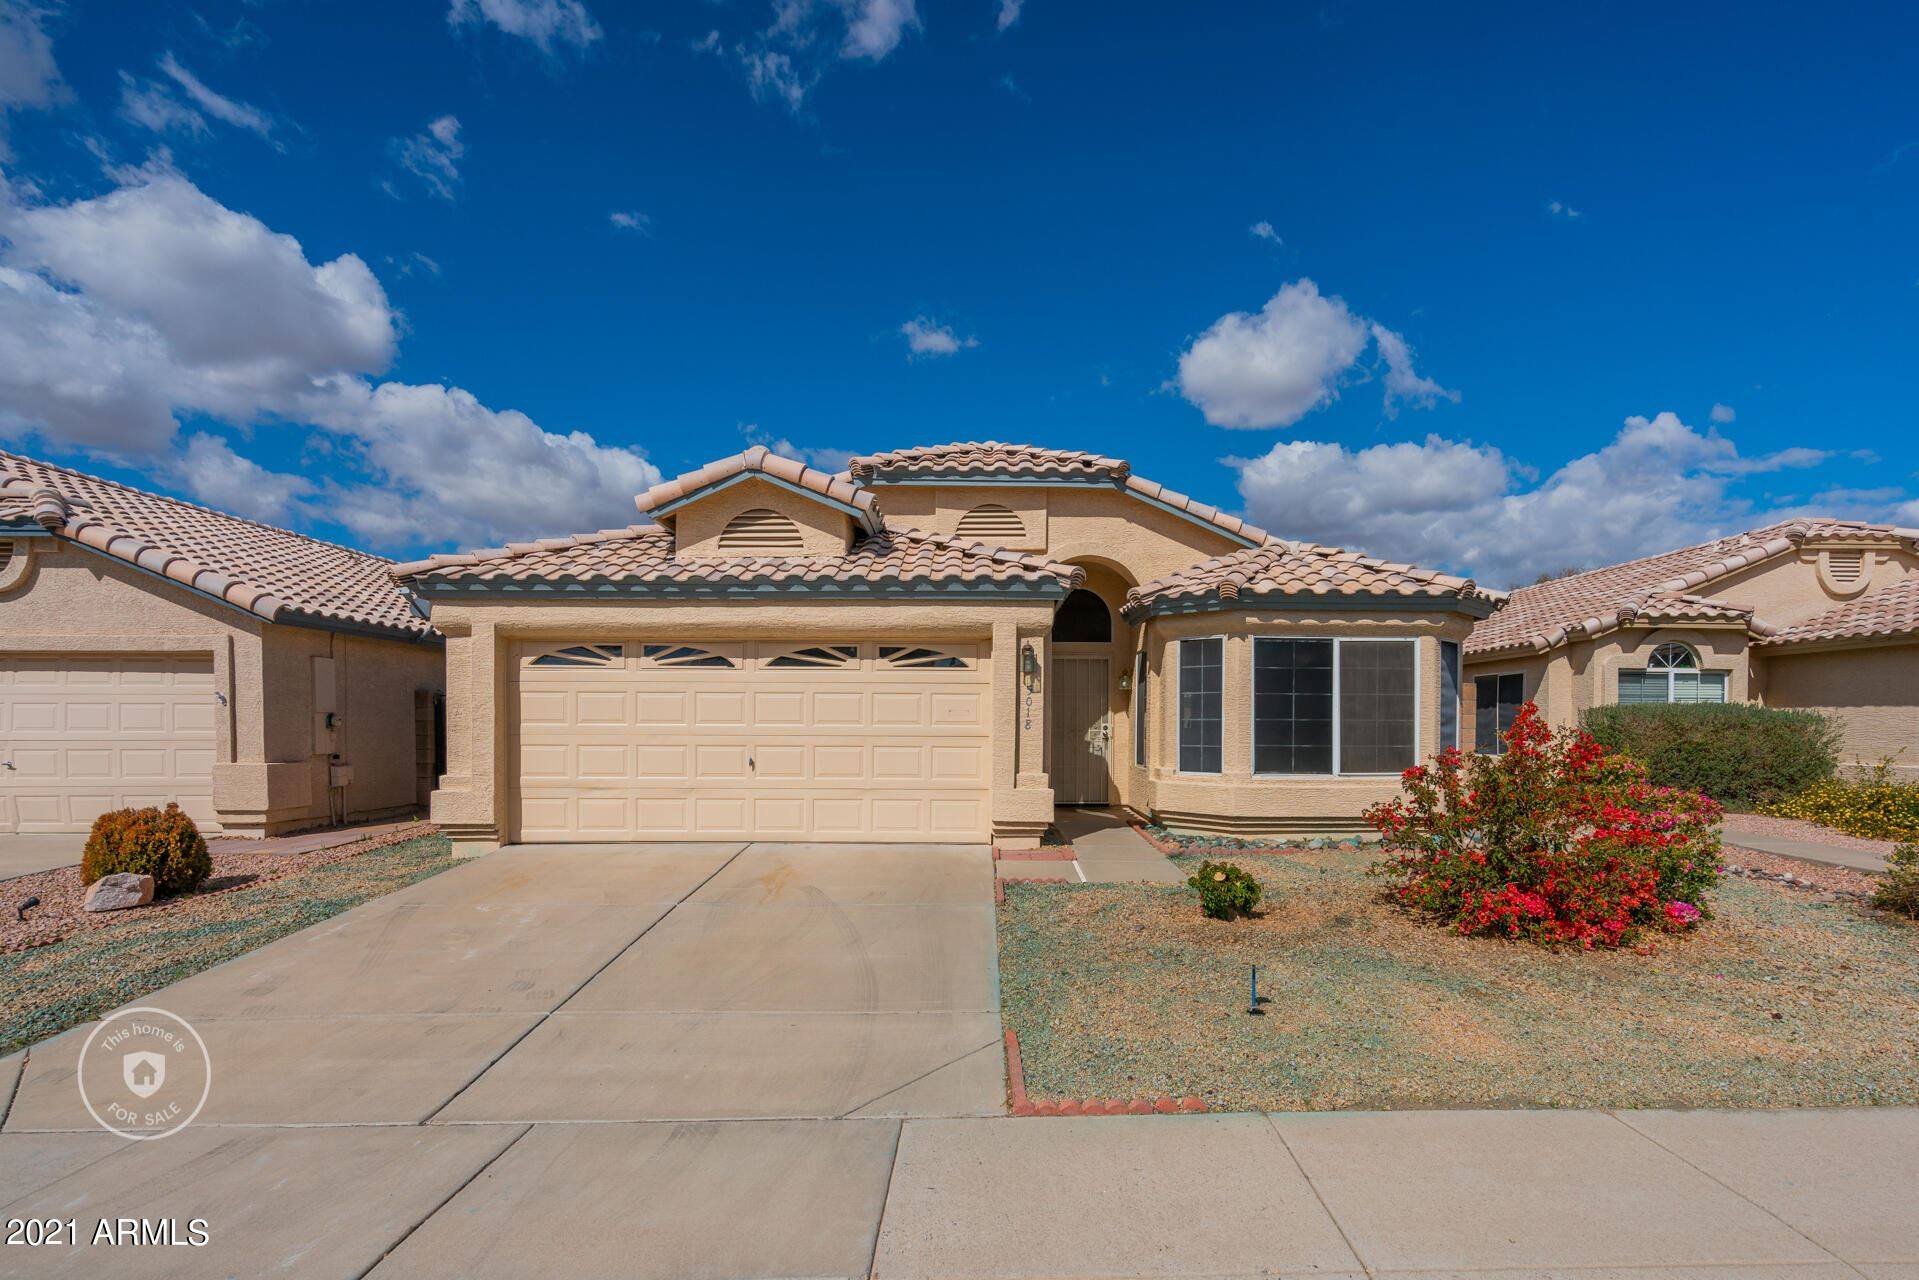 5018 W PONDEROSA Lane, Glendale, AZ 85308 - MLS#: 6203078